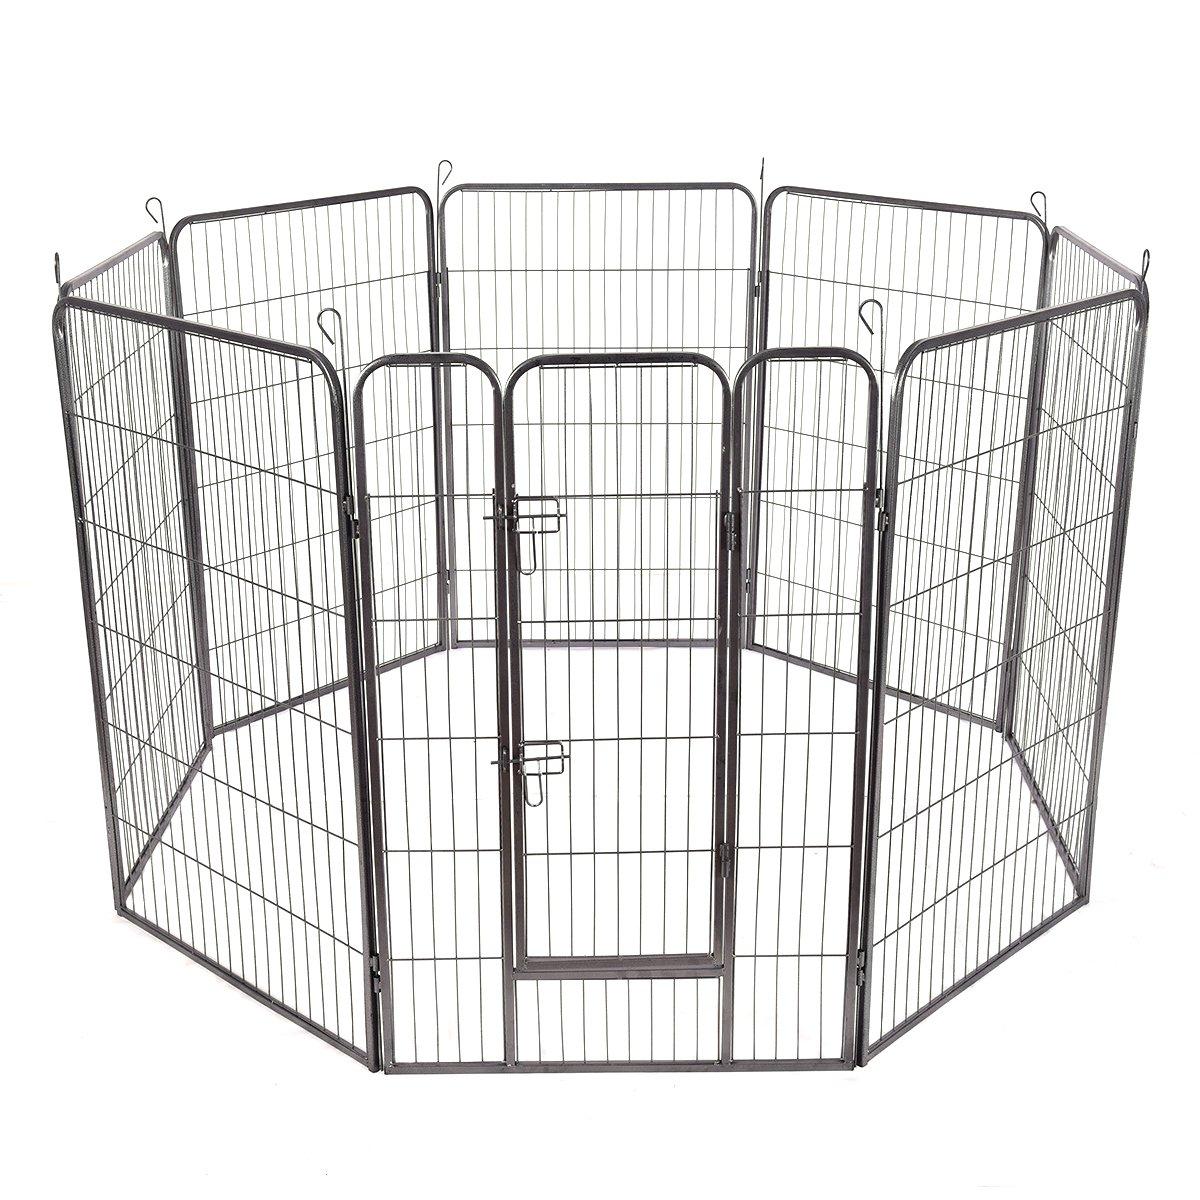 Giantex 8 Panel Pet Puppy Dog Playpen Door Exercise Kennel Fence Metal (48'')